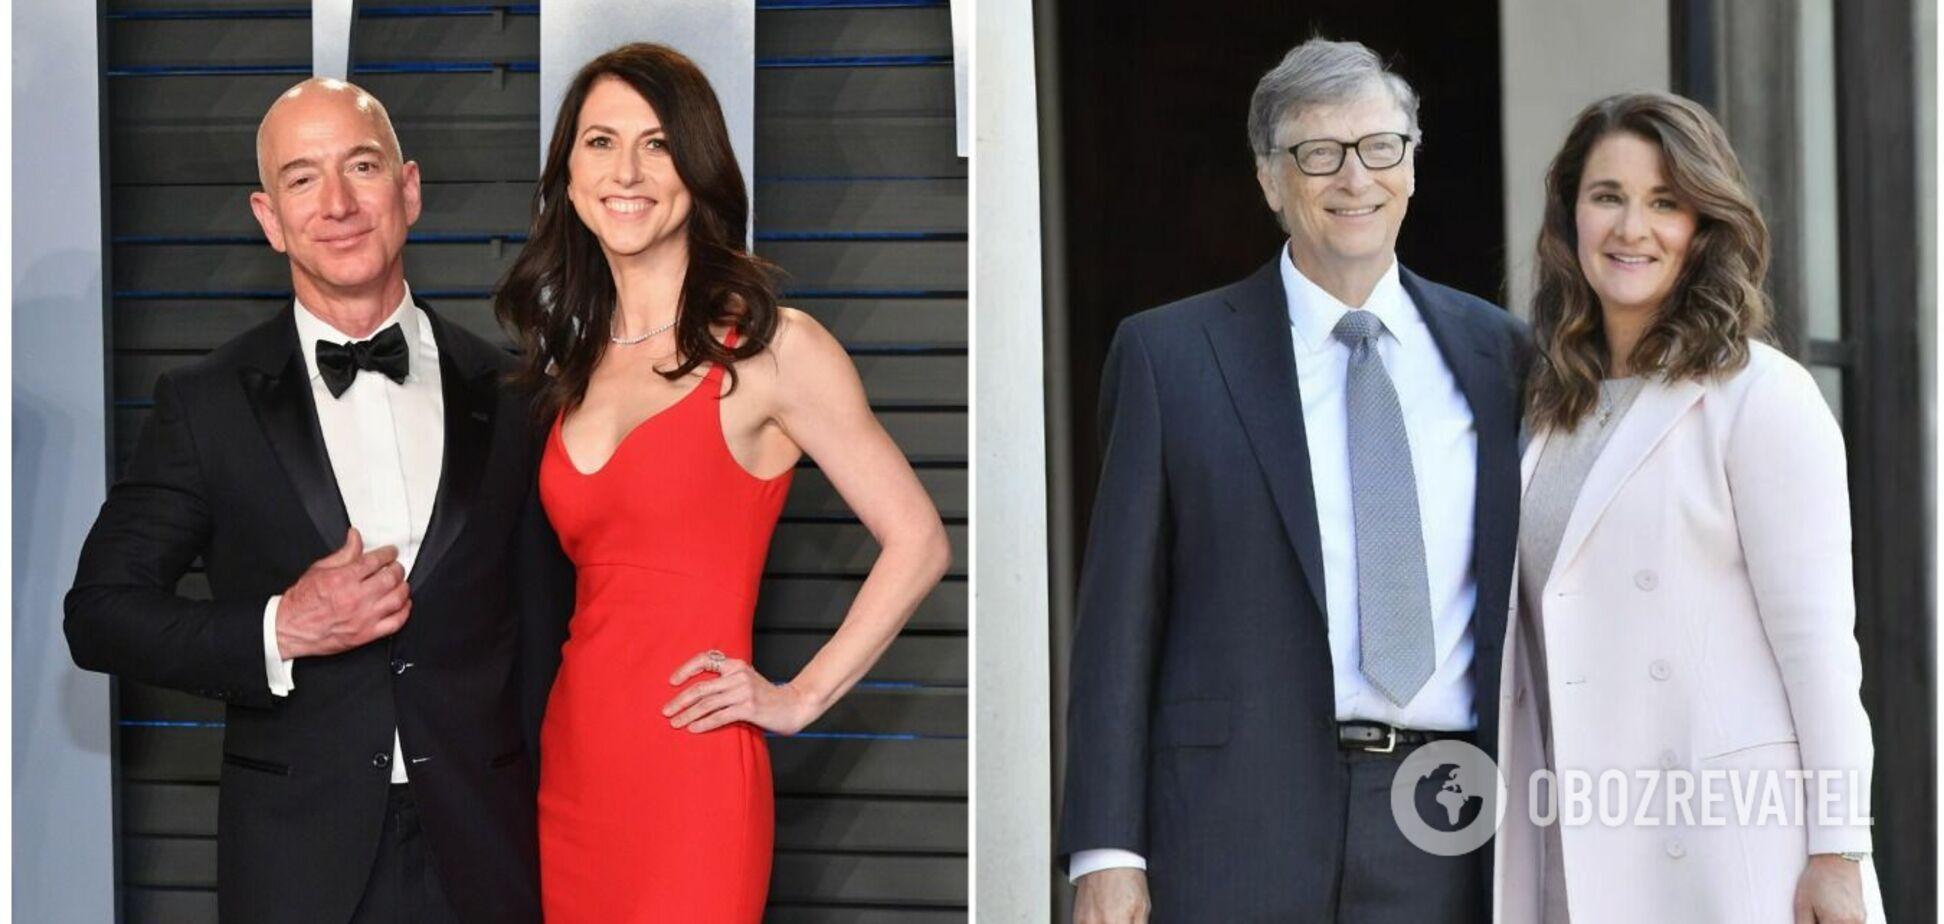 Заплатили за любов мільярди: гучні розлучення Білла Гейтса, Джеффа Безоса та інших найбагатших людей світу